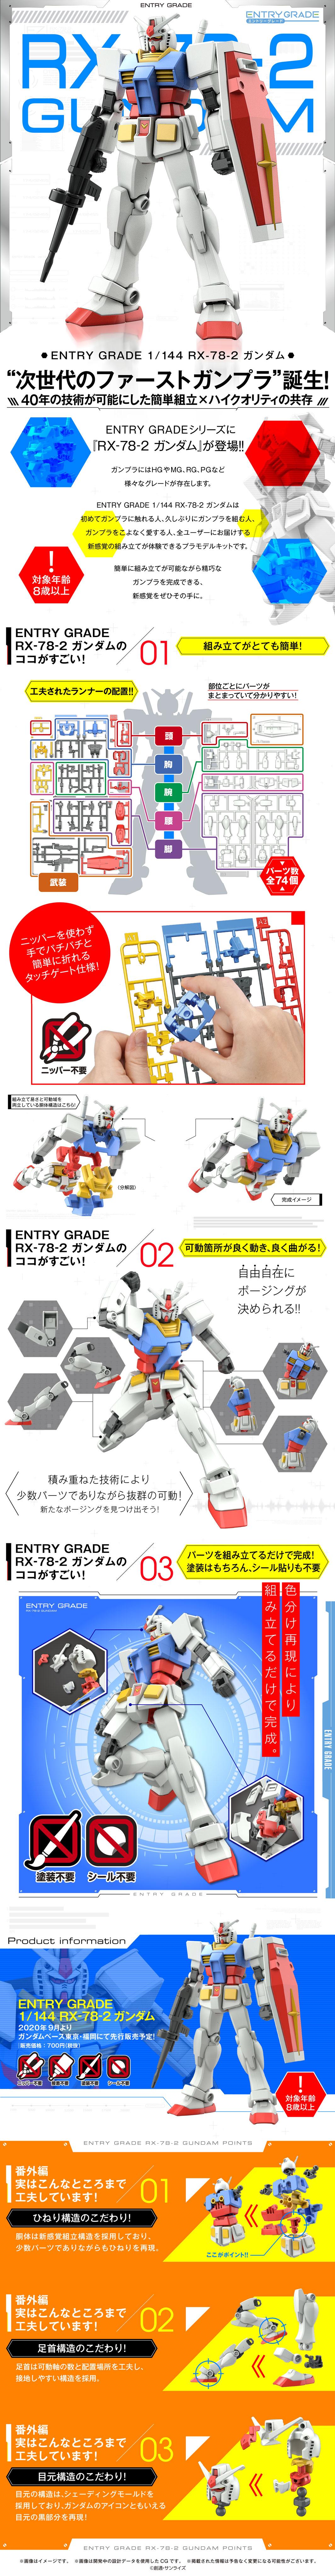 ENTRY GRADE(EG) 1/144 RX-78-2 ガンダム 公式商品説明(画像)